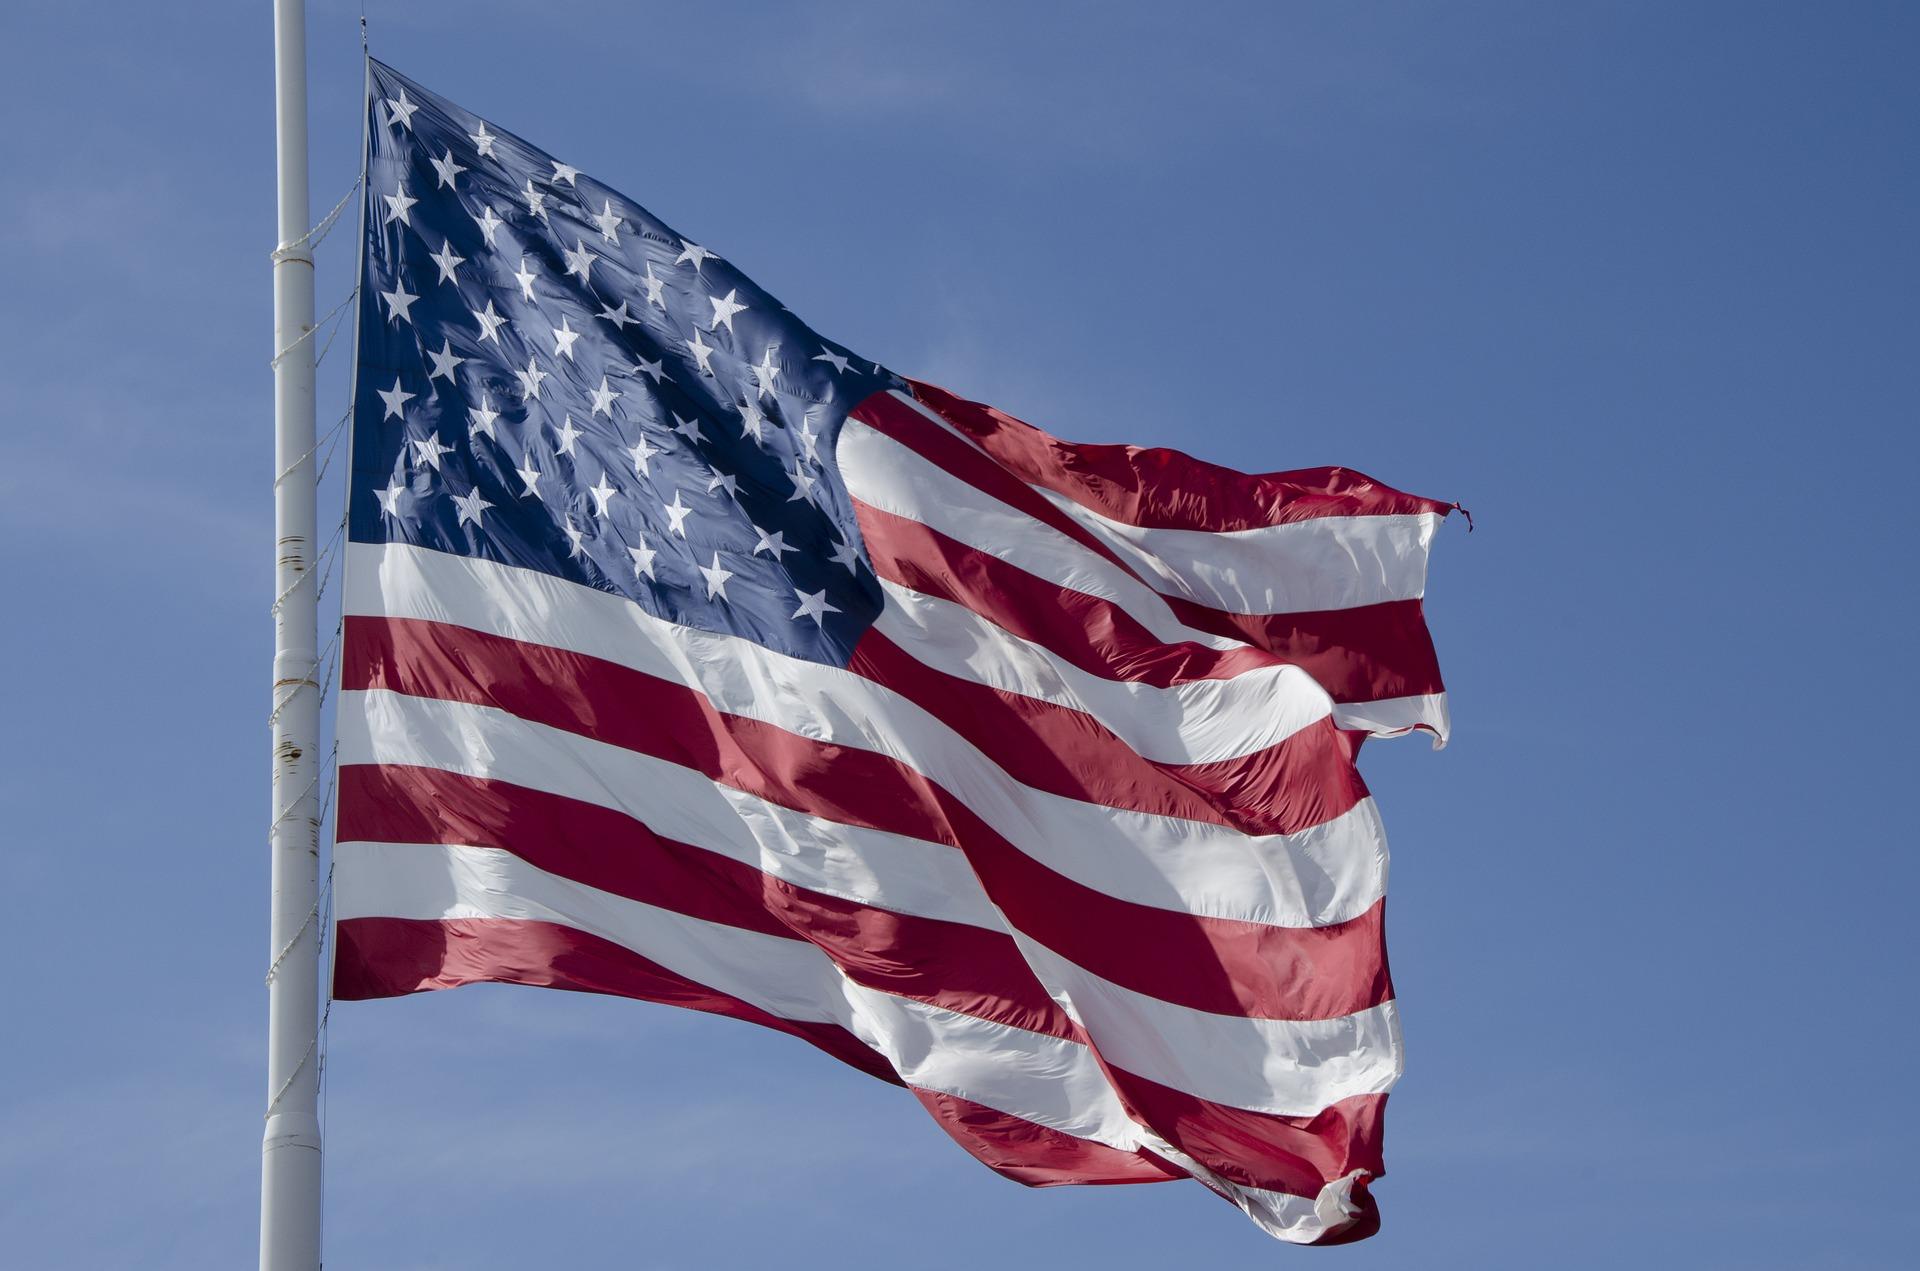 flag-2578873_1920.jpg